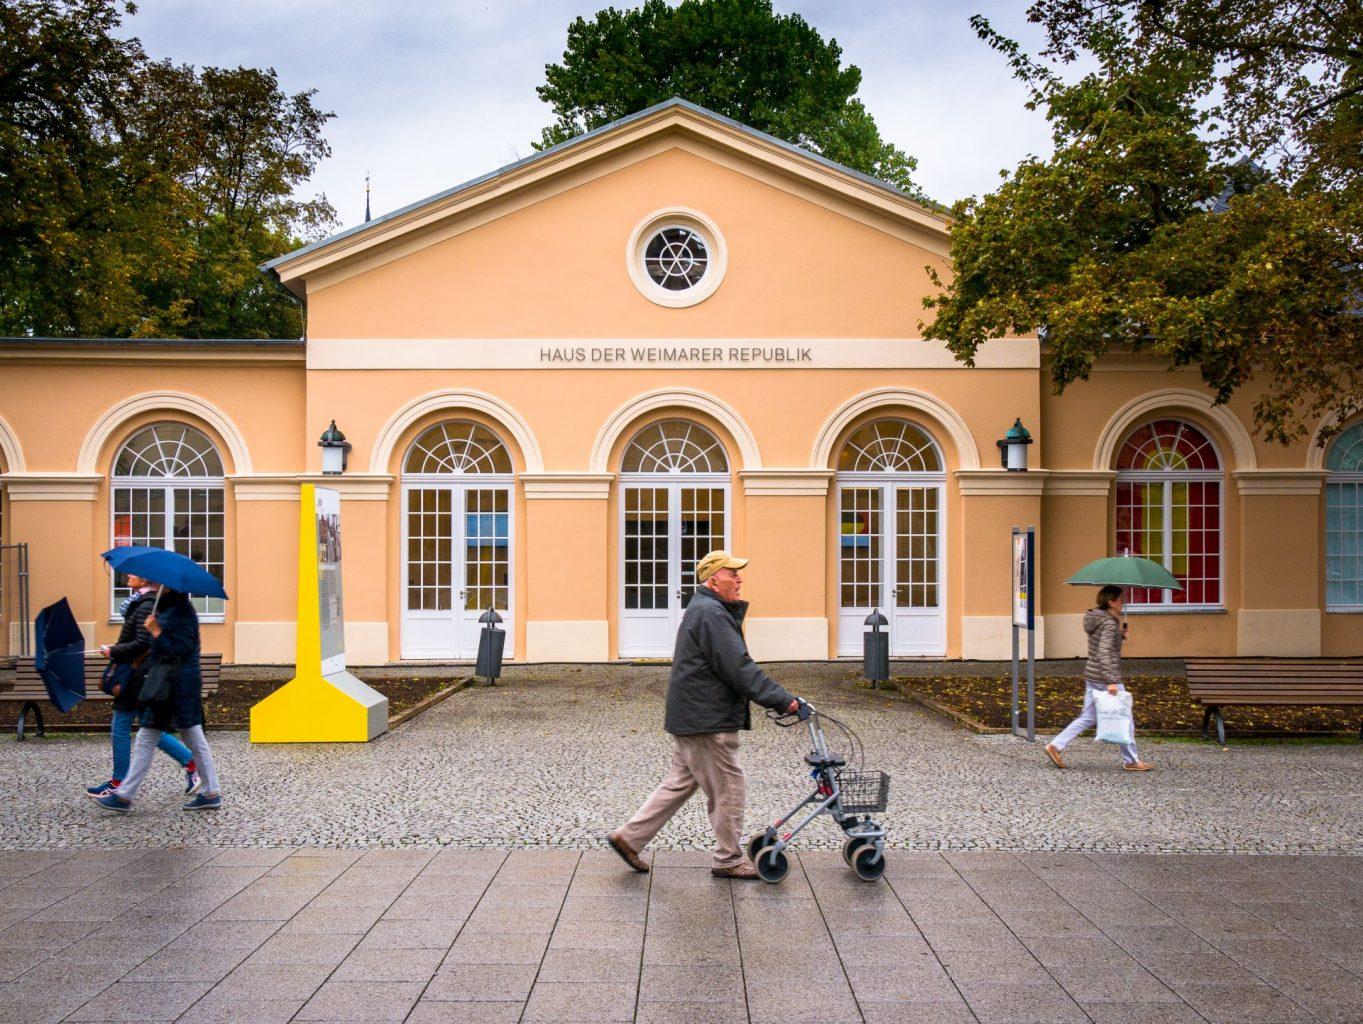 Weimar Republic Museum